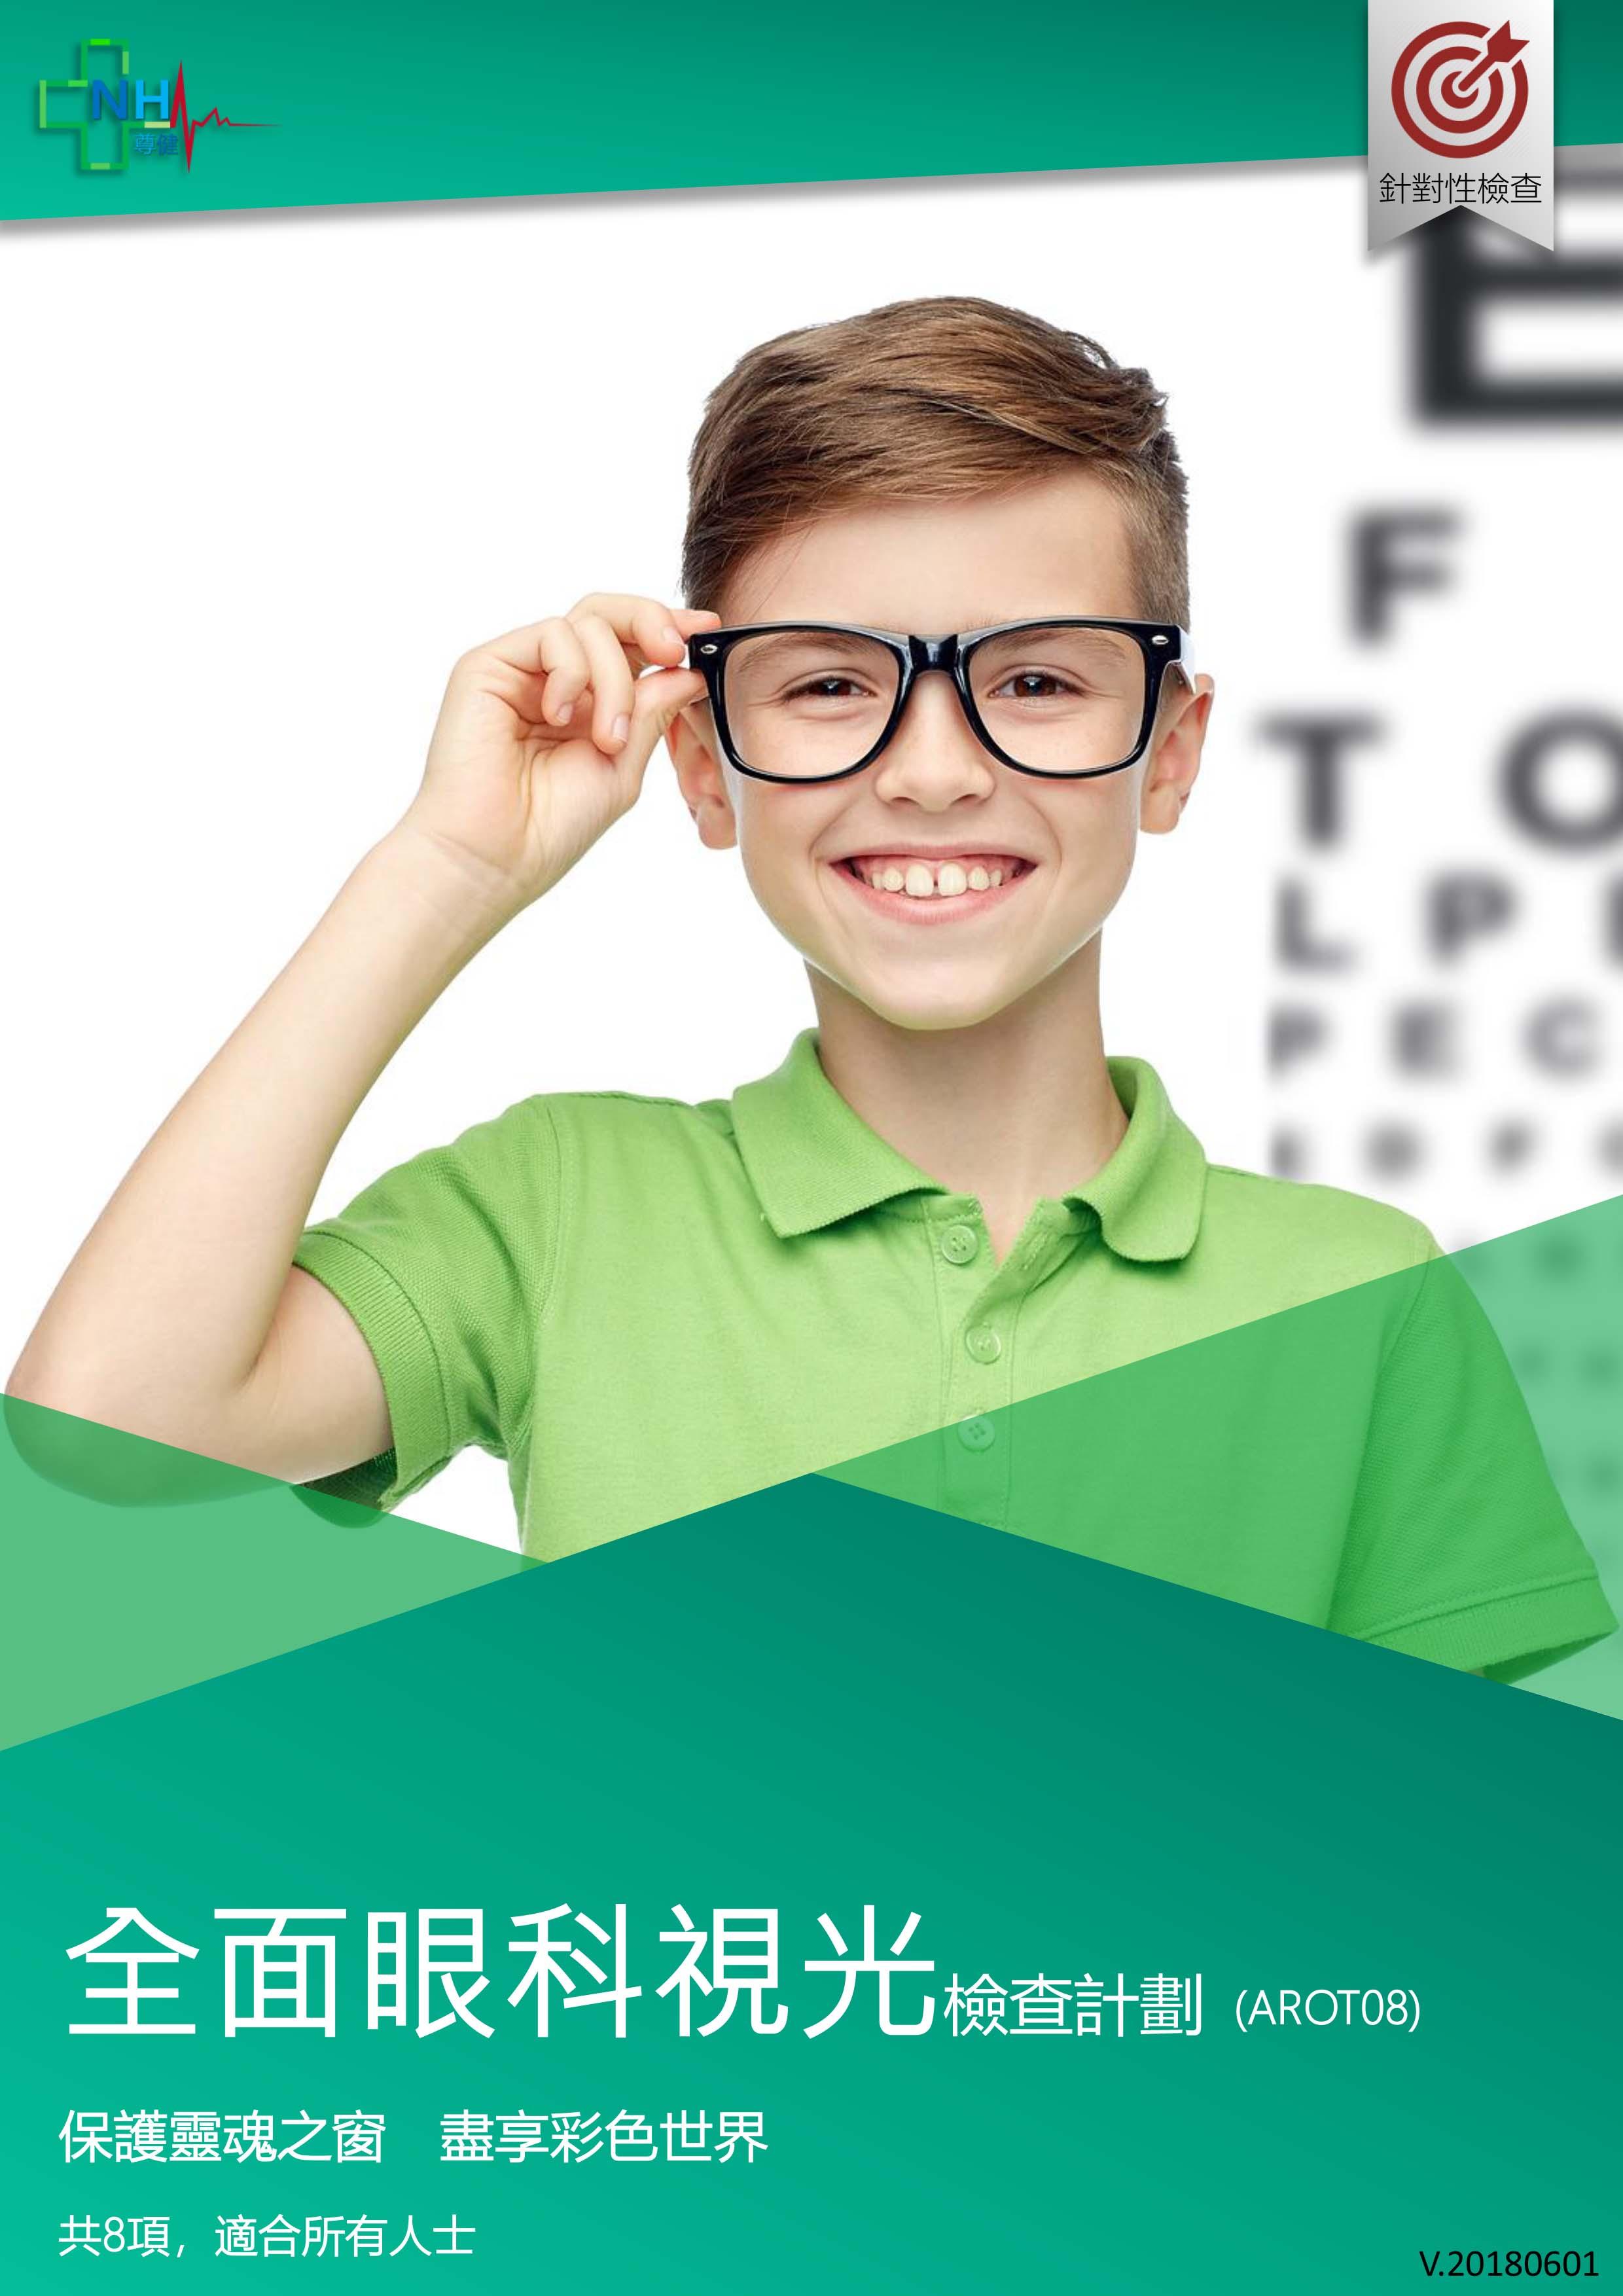 1c-eye-check-1.jpg